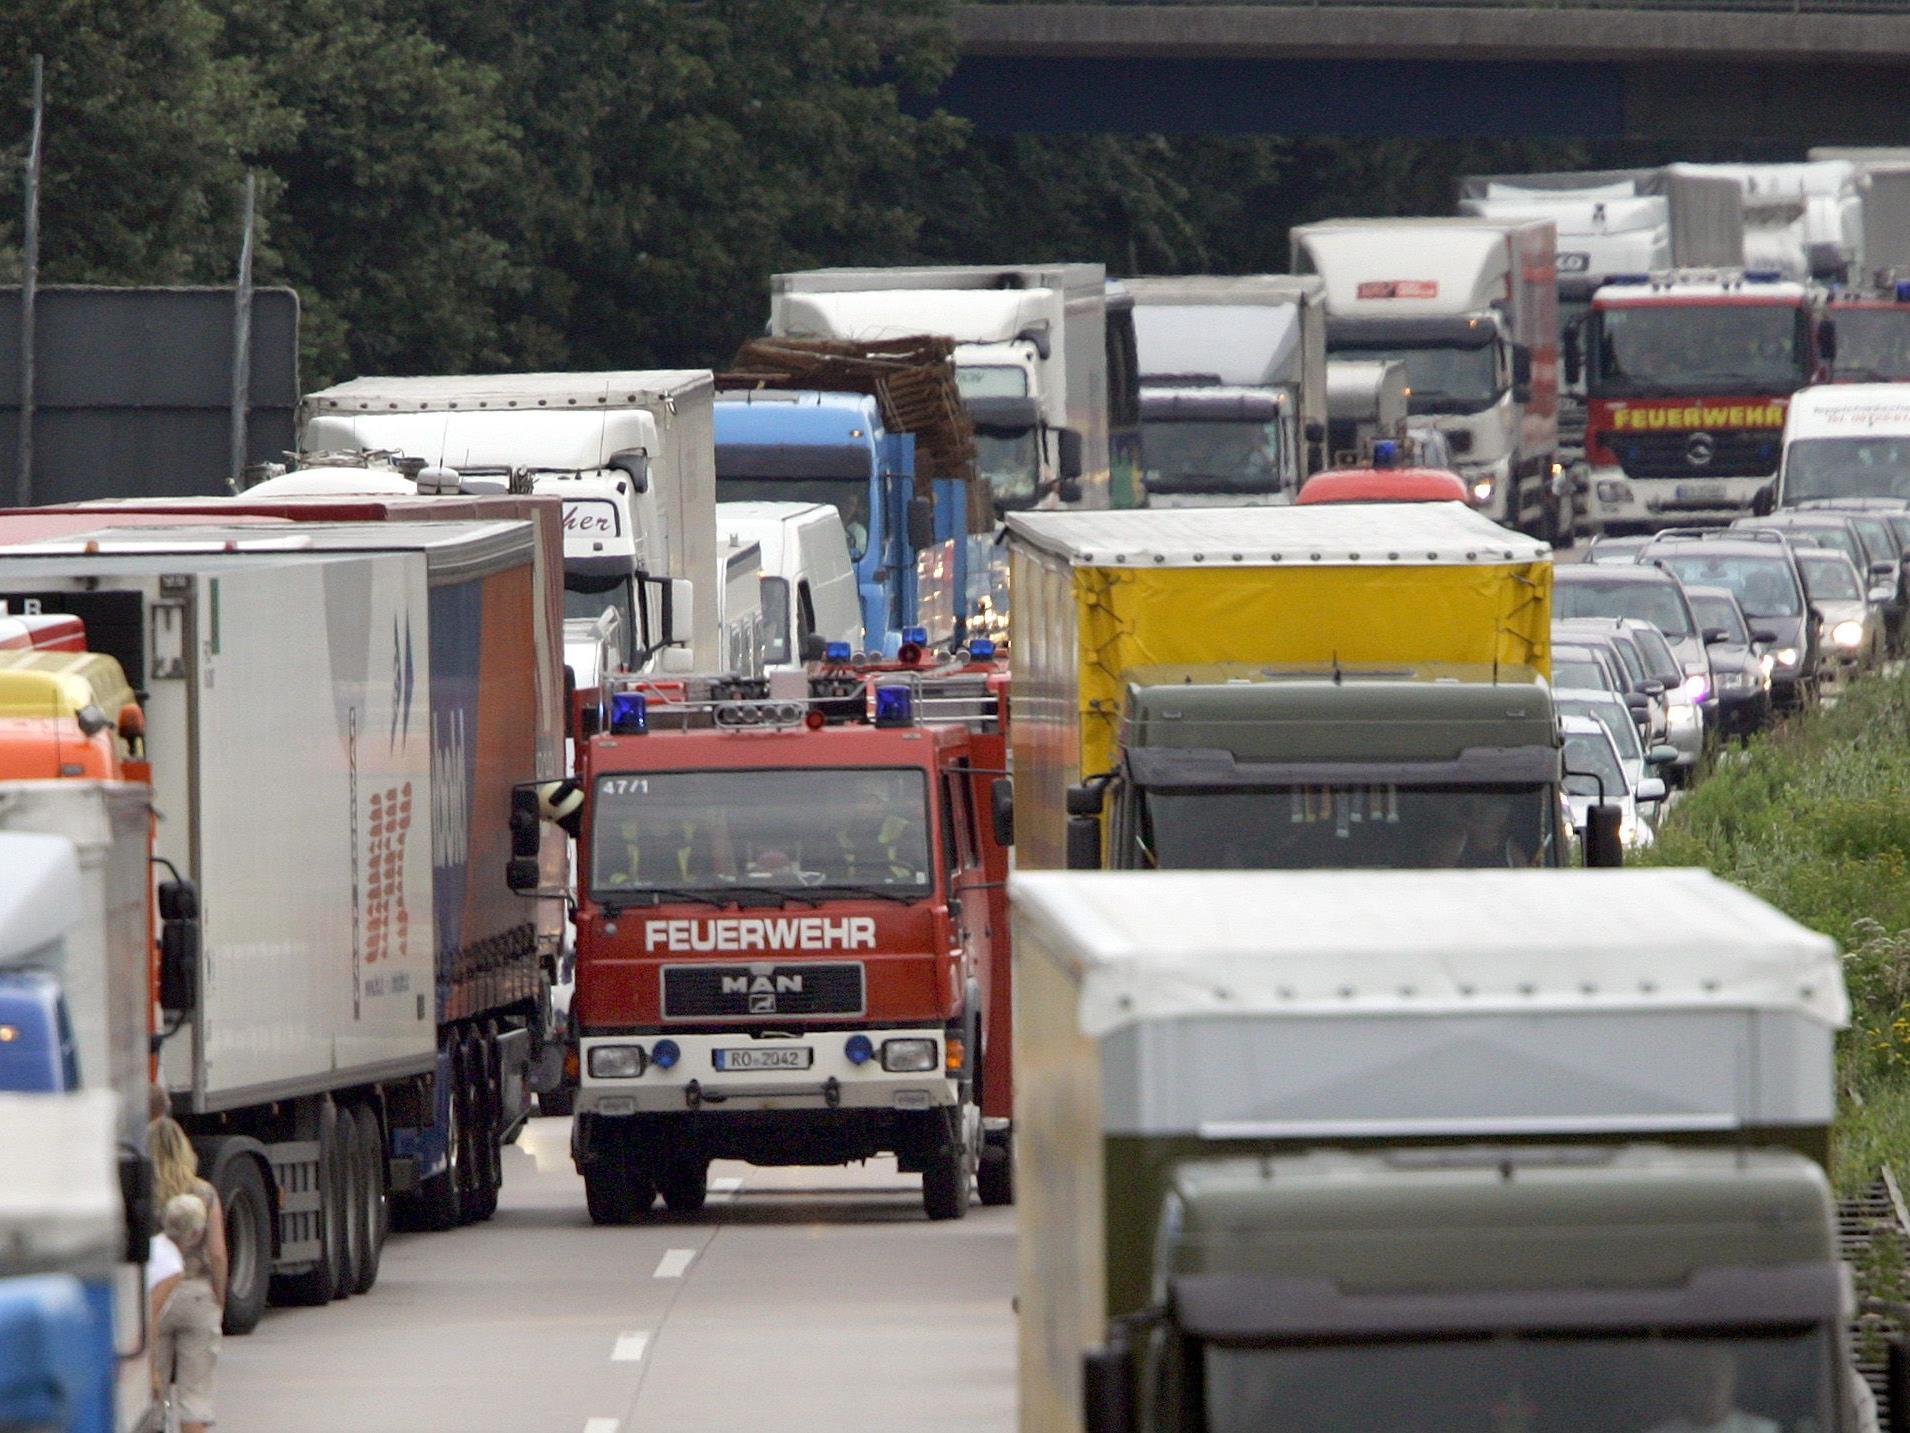 Auf der A2 kam es bei Wiener Neustadt zu einem Unfall mit einem LKW